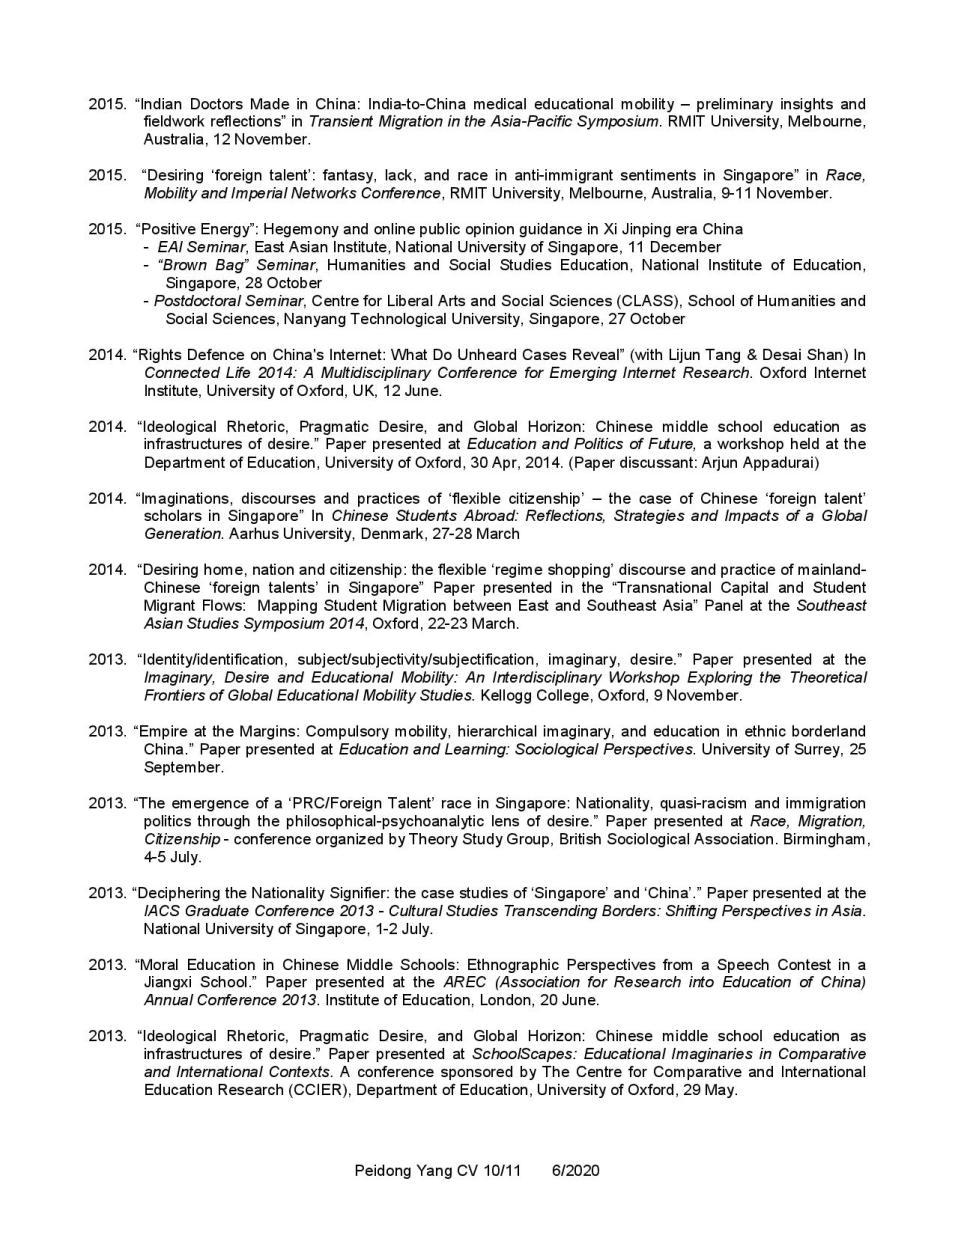 CV YANG Peidong_6.2020-page-010